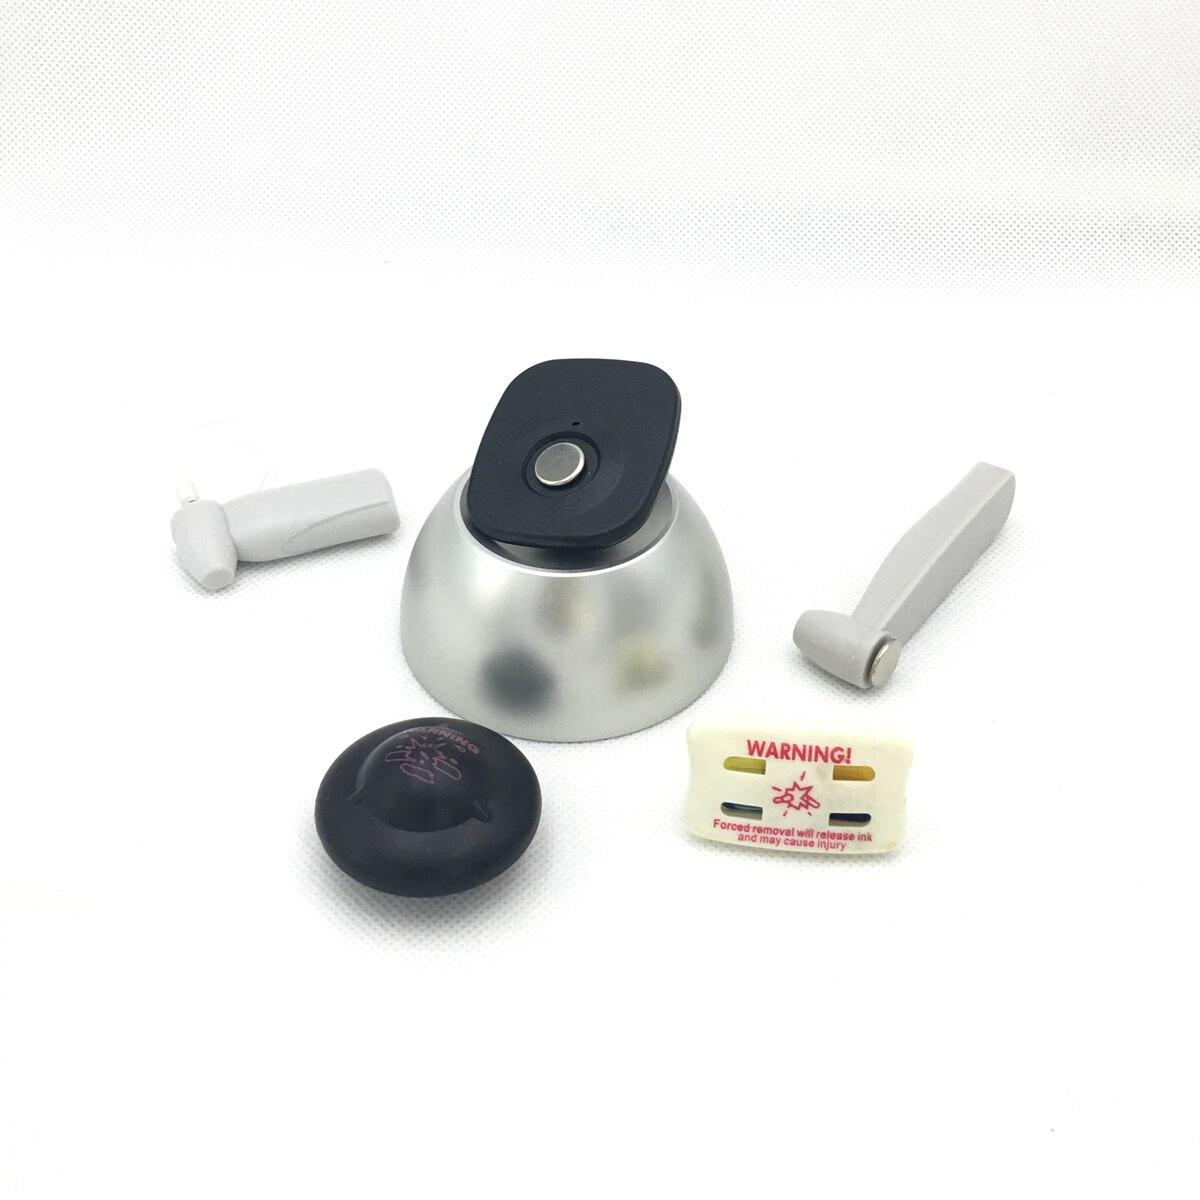 detacher etiketë golfi lehtësues 13000GS tag magnetik univerzal - Siguria dhe mbrojtja - Foto 4